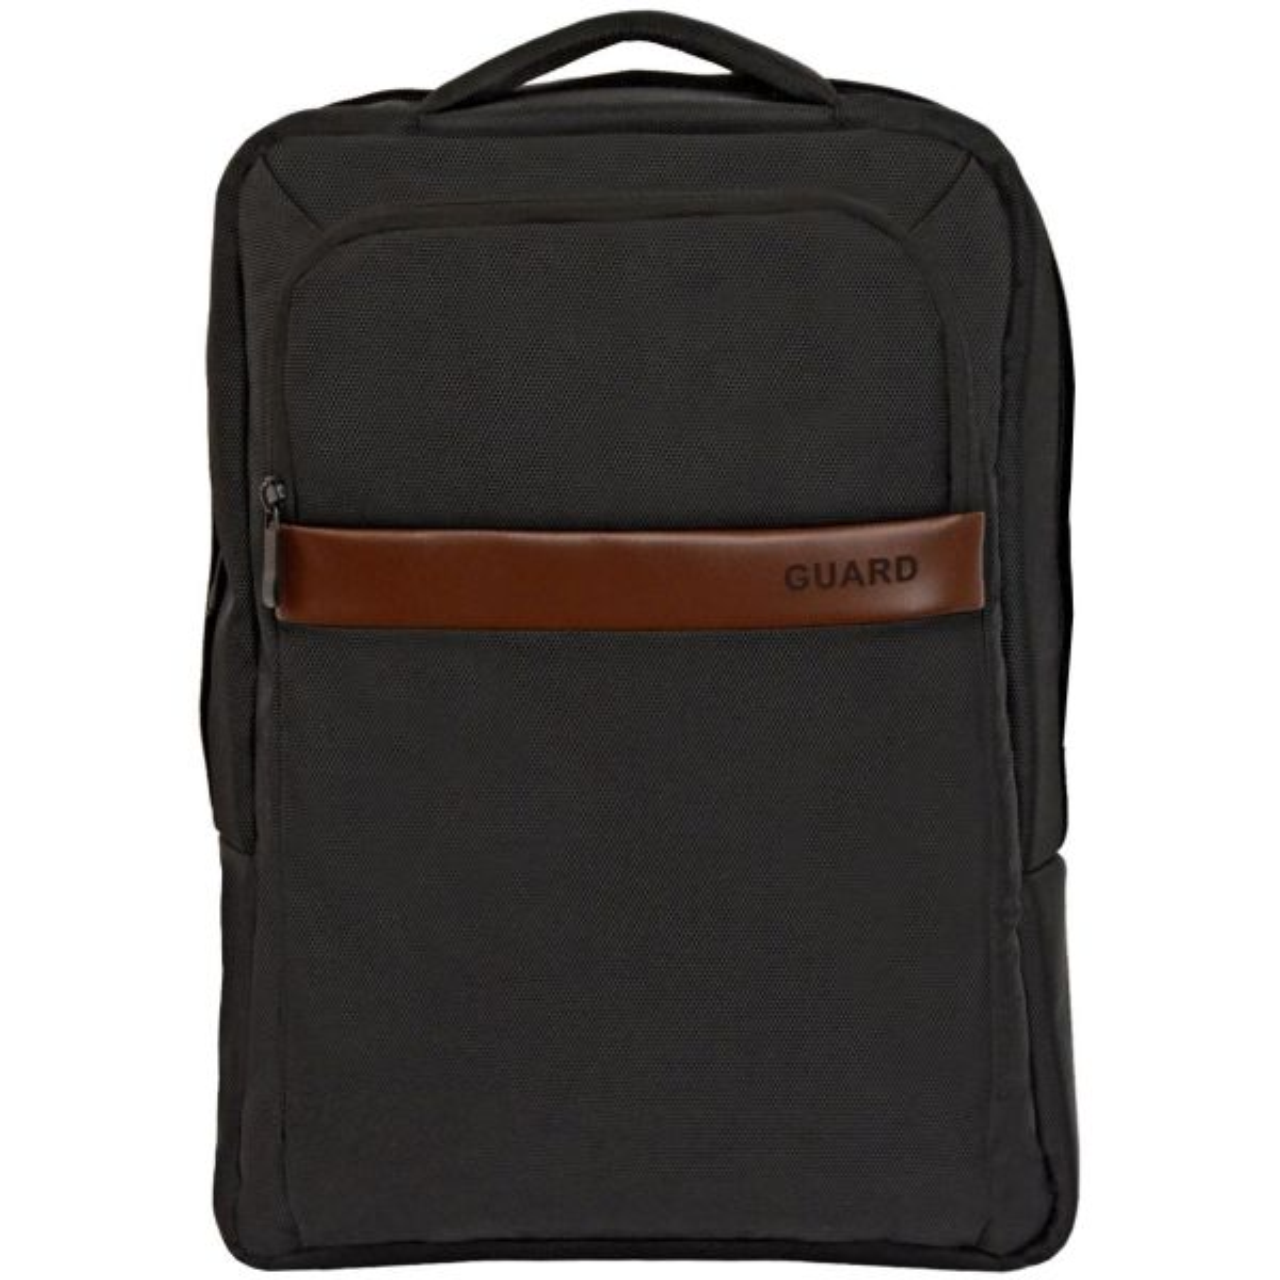 کوله پشتی لپ تاپ گارد مدل 109 مناسب برای لپ تاپ 15.6 اینچی